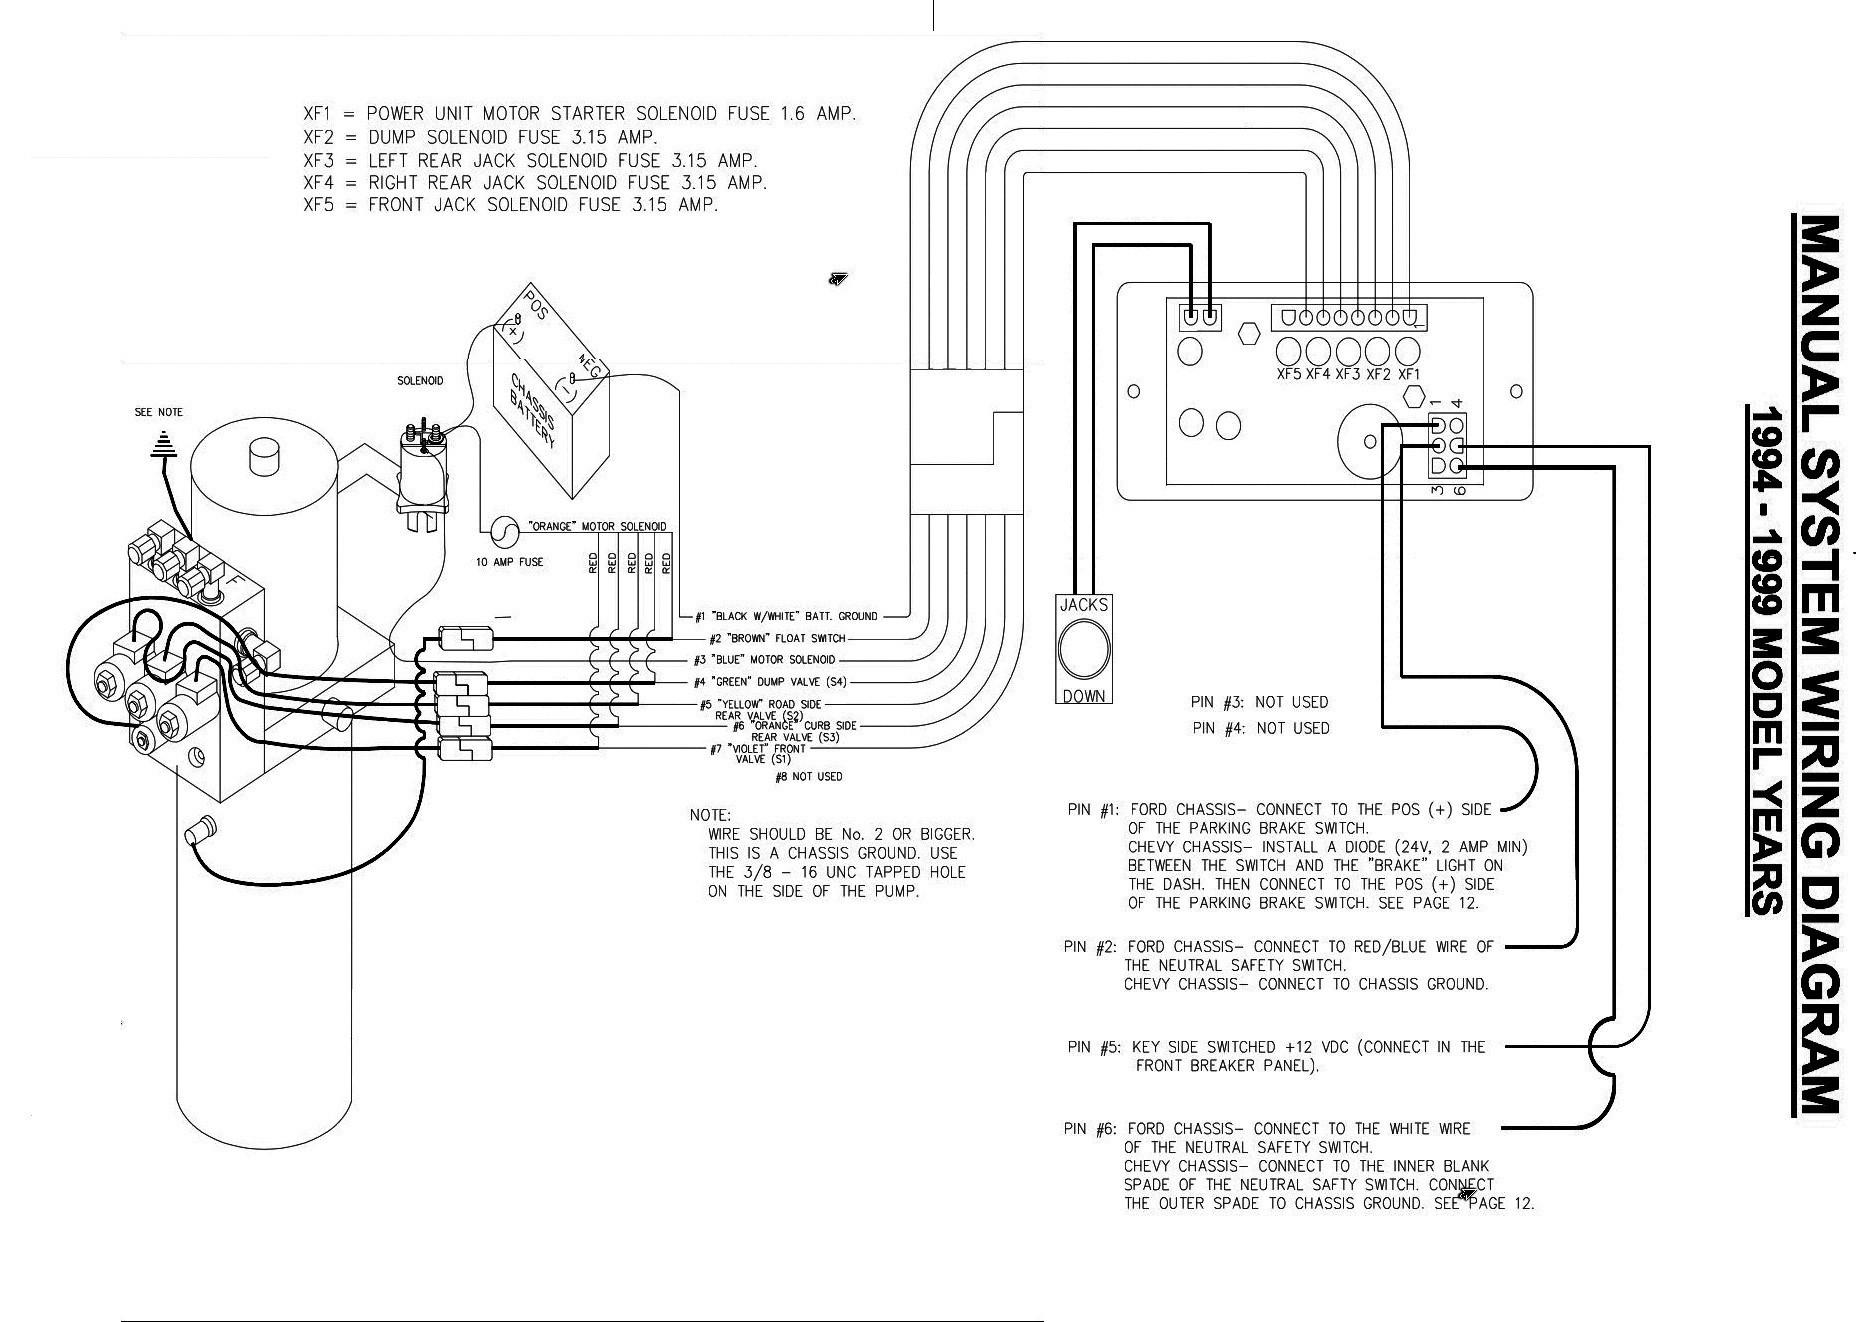 coachman pastiche wiring diagram 2001 ford f350 mirror diagrams schematic coachmen rv auto electrical bmw old fashioned